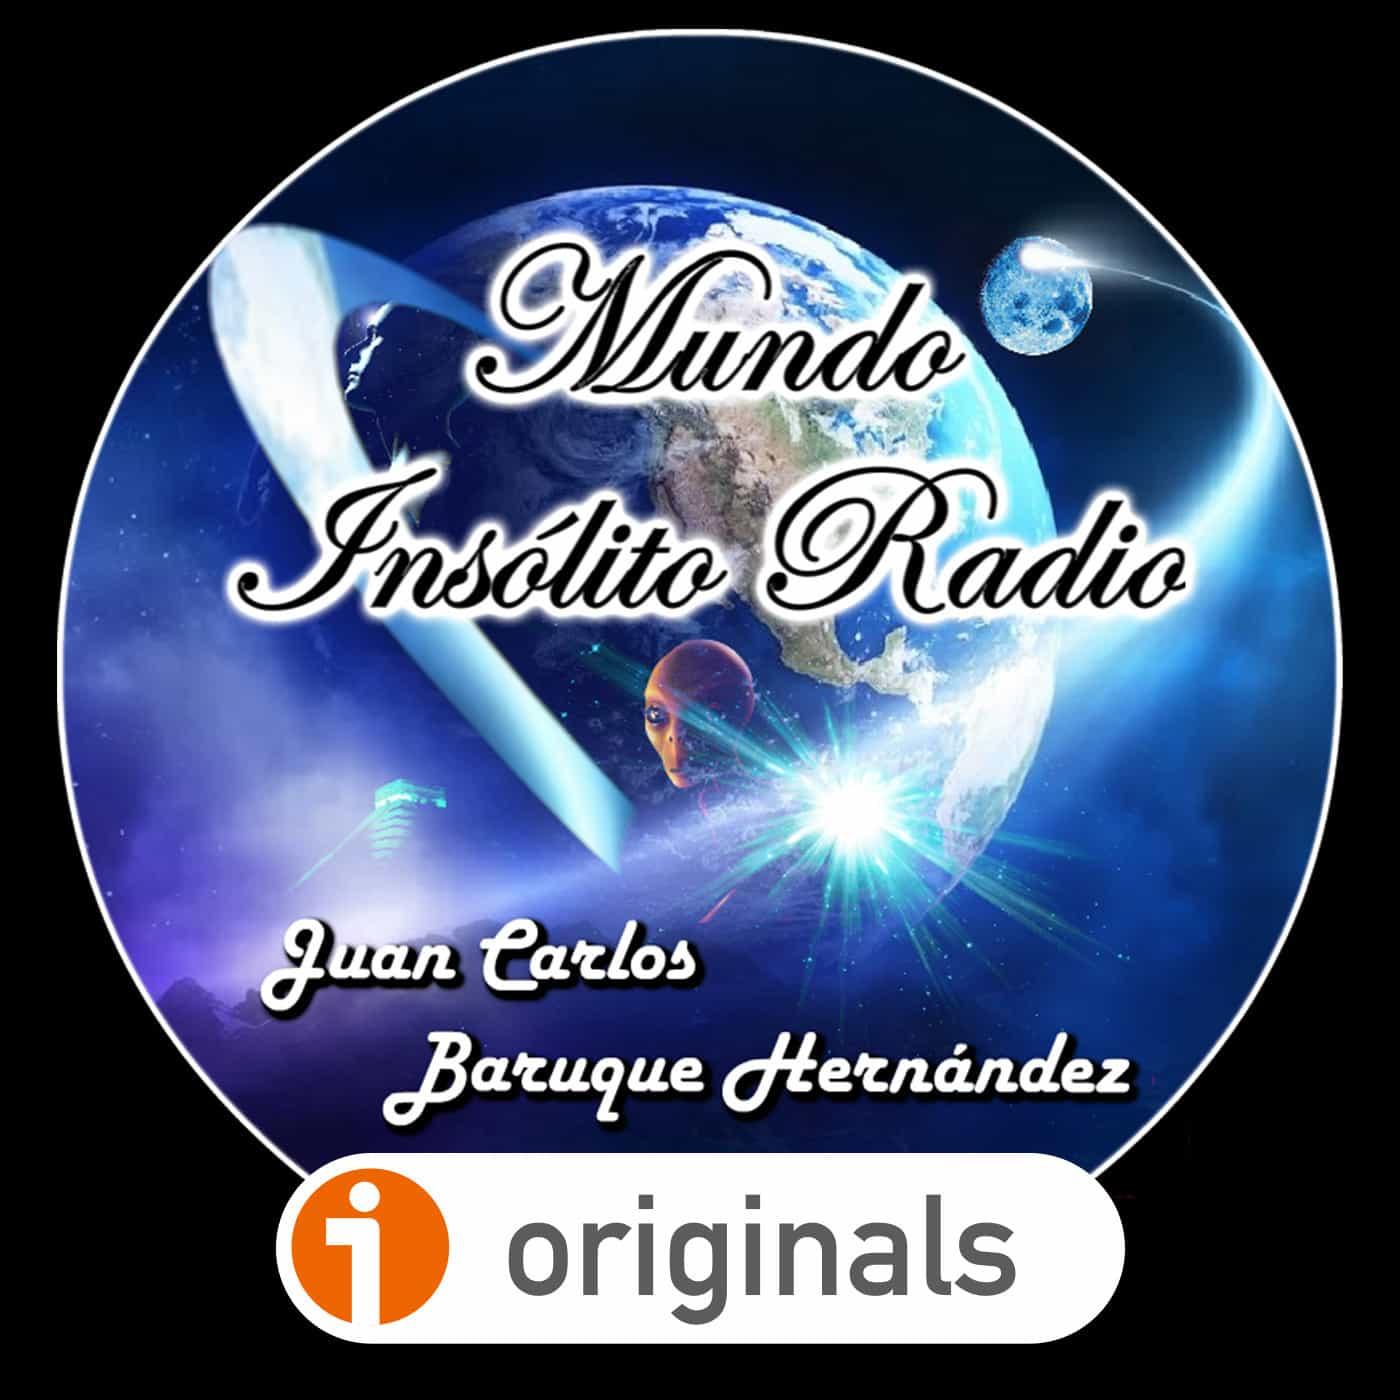 CHARLA CON JUAN CARLOS BARUQUE de Mundo Insólito Radio   CNPODCAST 02X51   luisbermejo.com